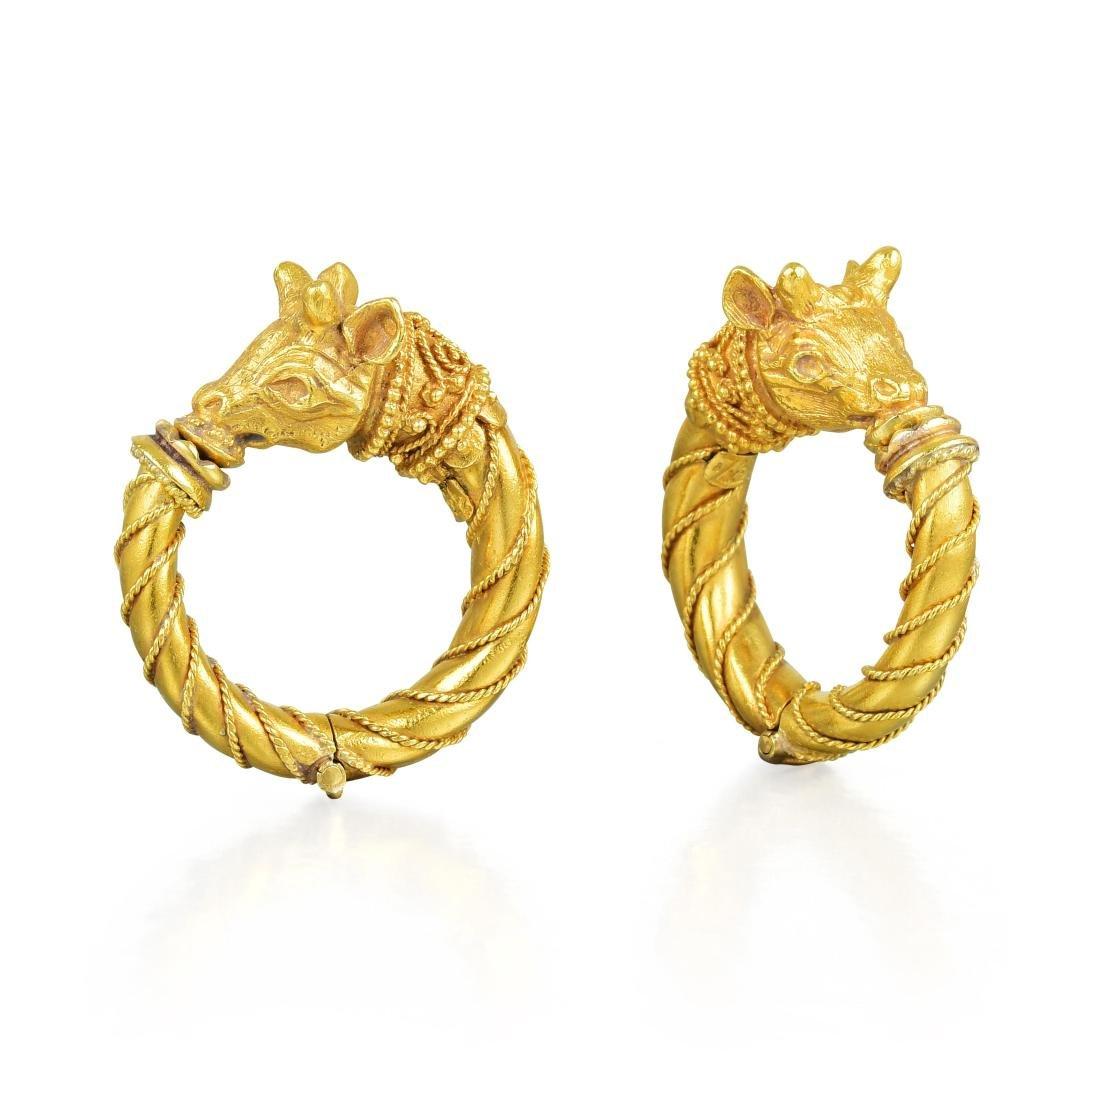 Zolotas Gold Ear Clips